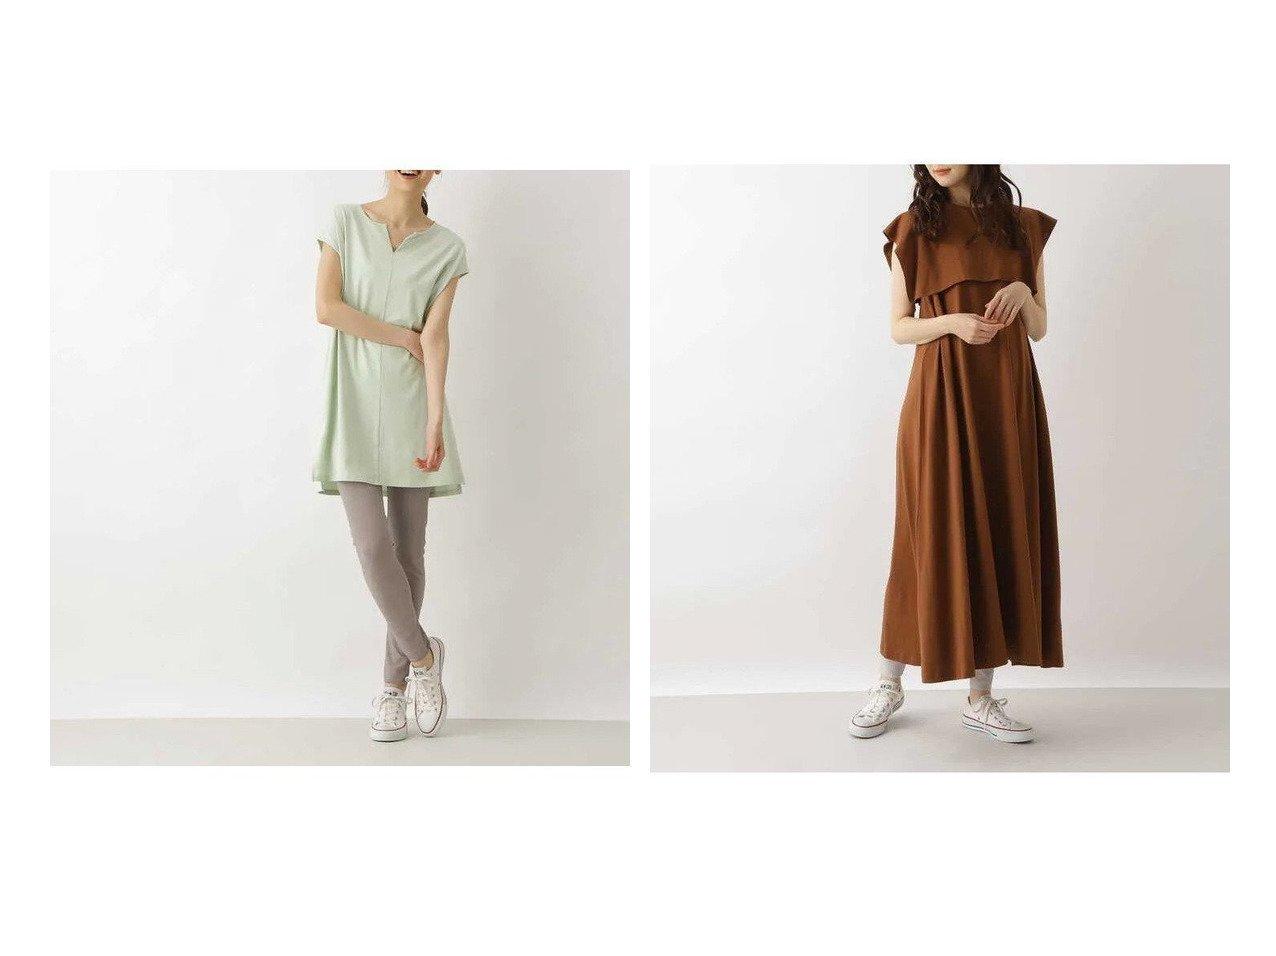 【NATURAL BEAUTY BASIC/ナチュラル ビューティー ベーシック】のシアーリブレギンス 【パンツ】おすすめ!人気、トレンド・レディースファッションの通販   おすすめで人気の流行・トレンド、ファッションの通販商品 インテリア・家具・メンズファッション・キッズファッション・レディースファッション・服の通販 founy(ファニー) https://founy.com/ ファッション Fashion レディースファッション WOMEN パンツ Pants レギンス Leggings レギンス |ID:crp329100000050267